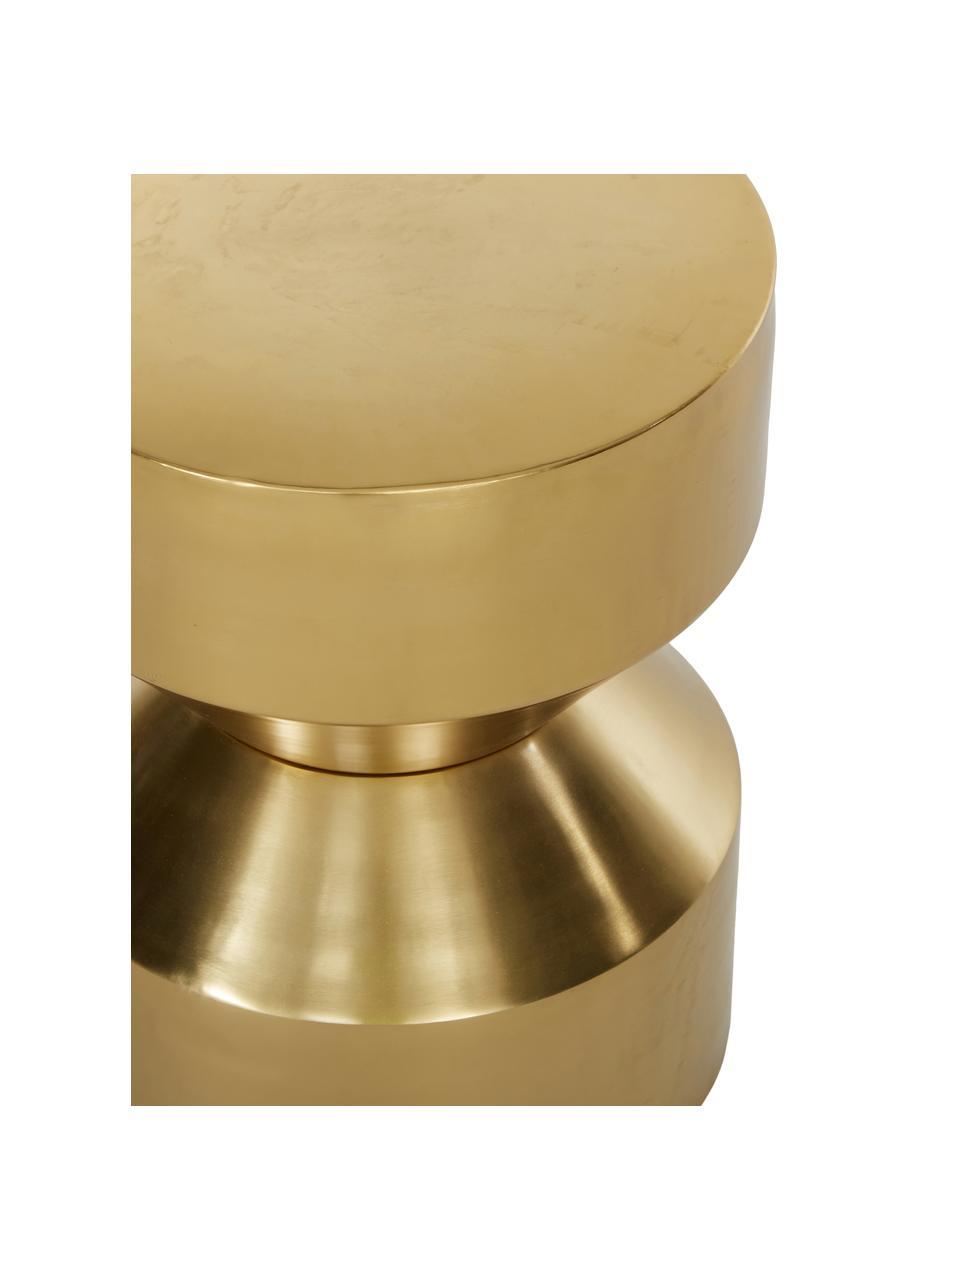 Bijzettafel Juliana, Gecoat metaal, Goudkleurig, licht glanzend, Ø 36 x H 45 cm